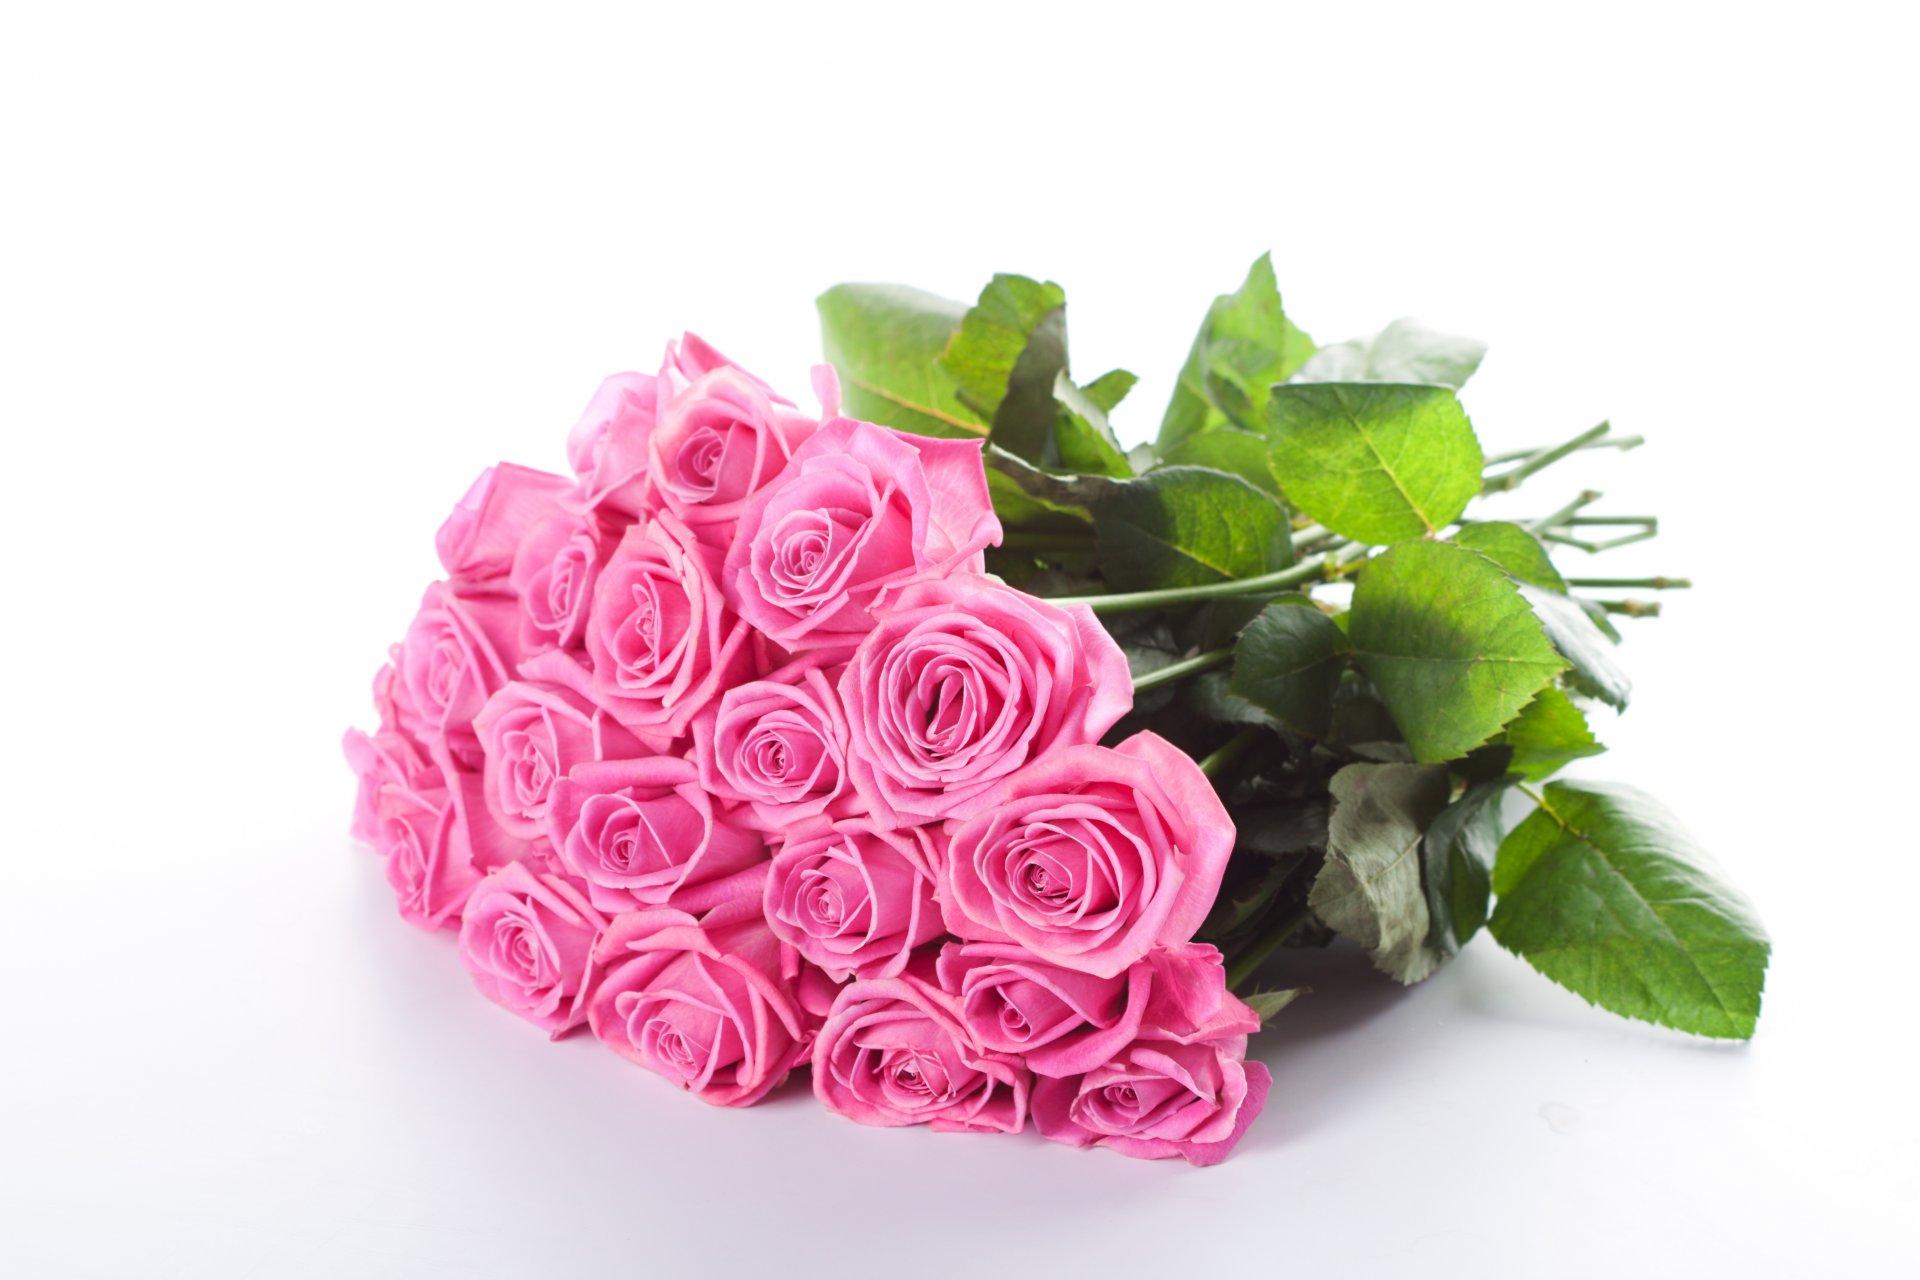 Примирения, розовые розы фото открытка